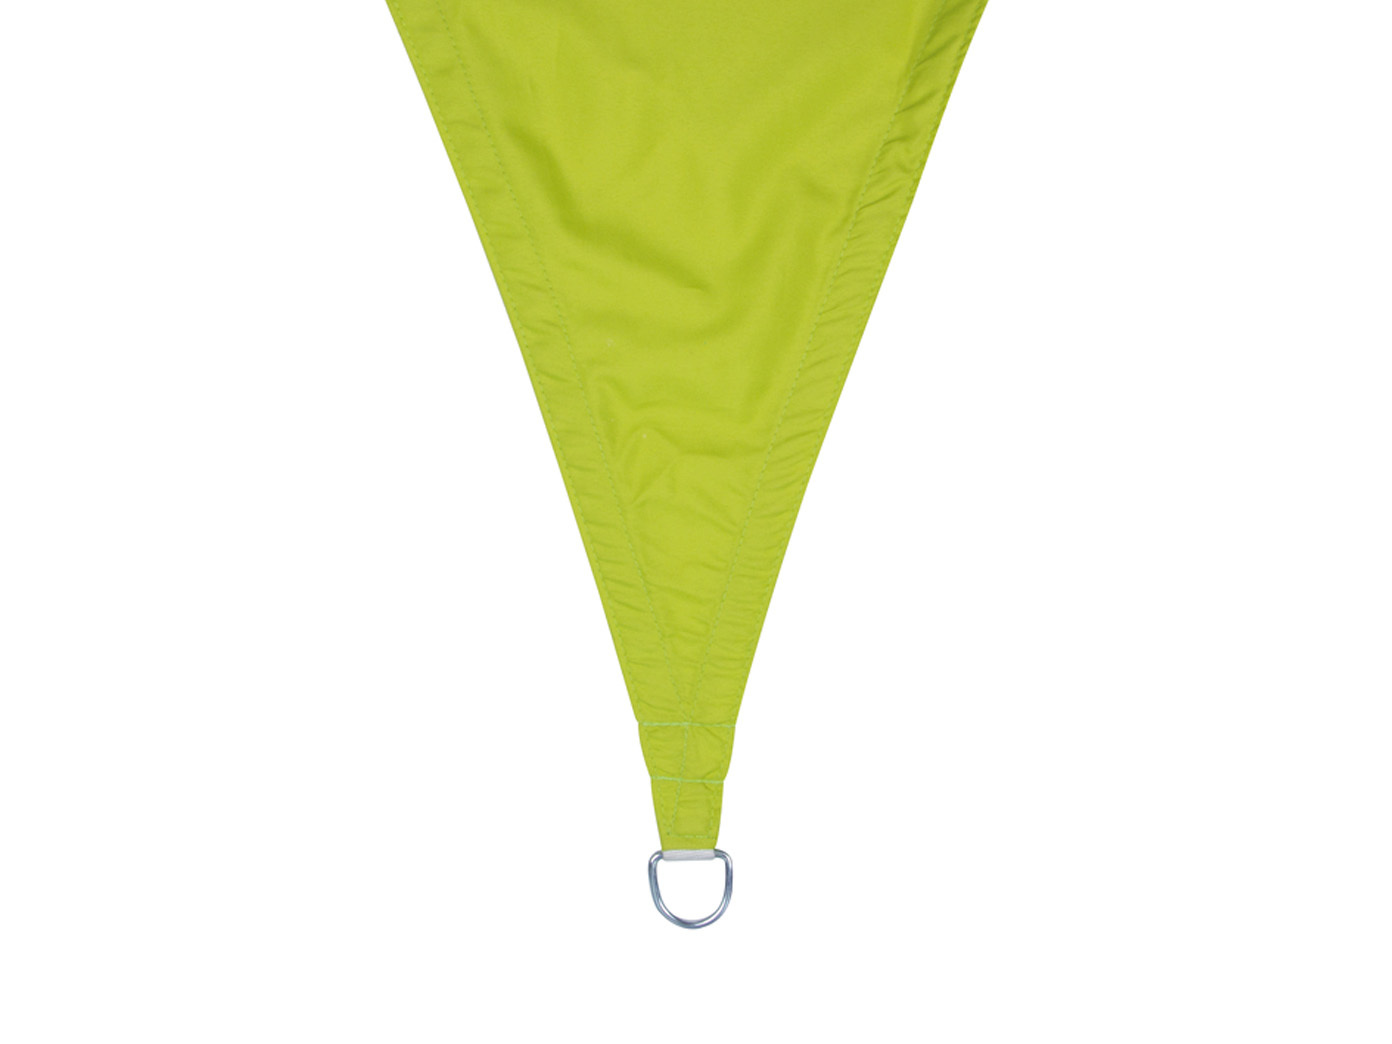 PARASOLE PROTEZIONE ANTIPIOGGIA Perel, Lime verde, 500 x 500 500 500 x 500 cm, resistente all'acqua 3a7ce8